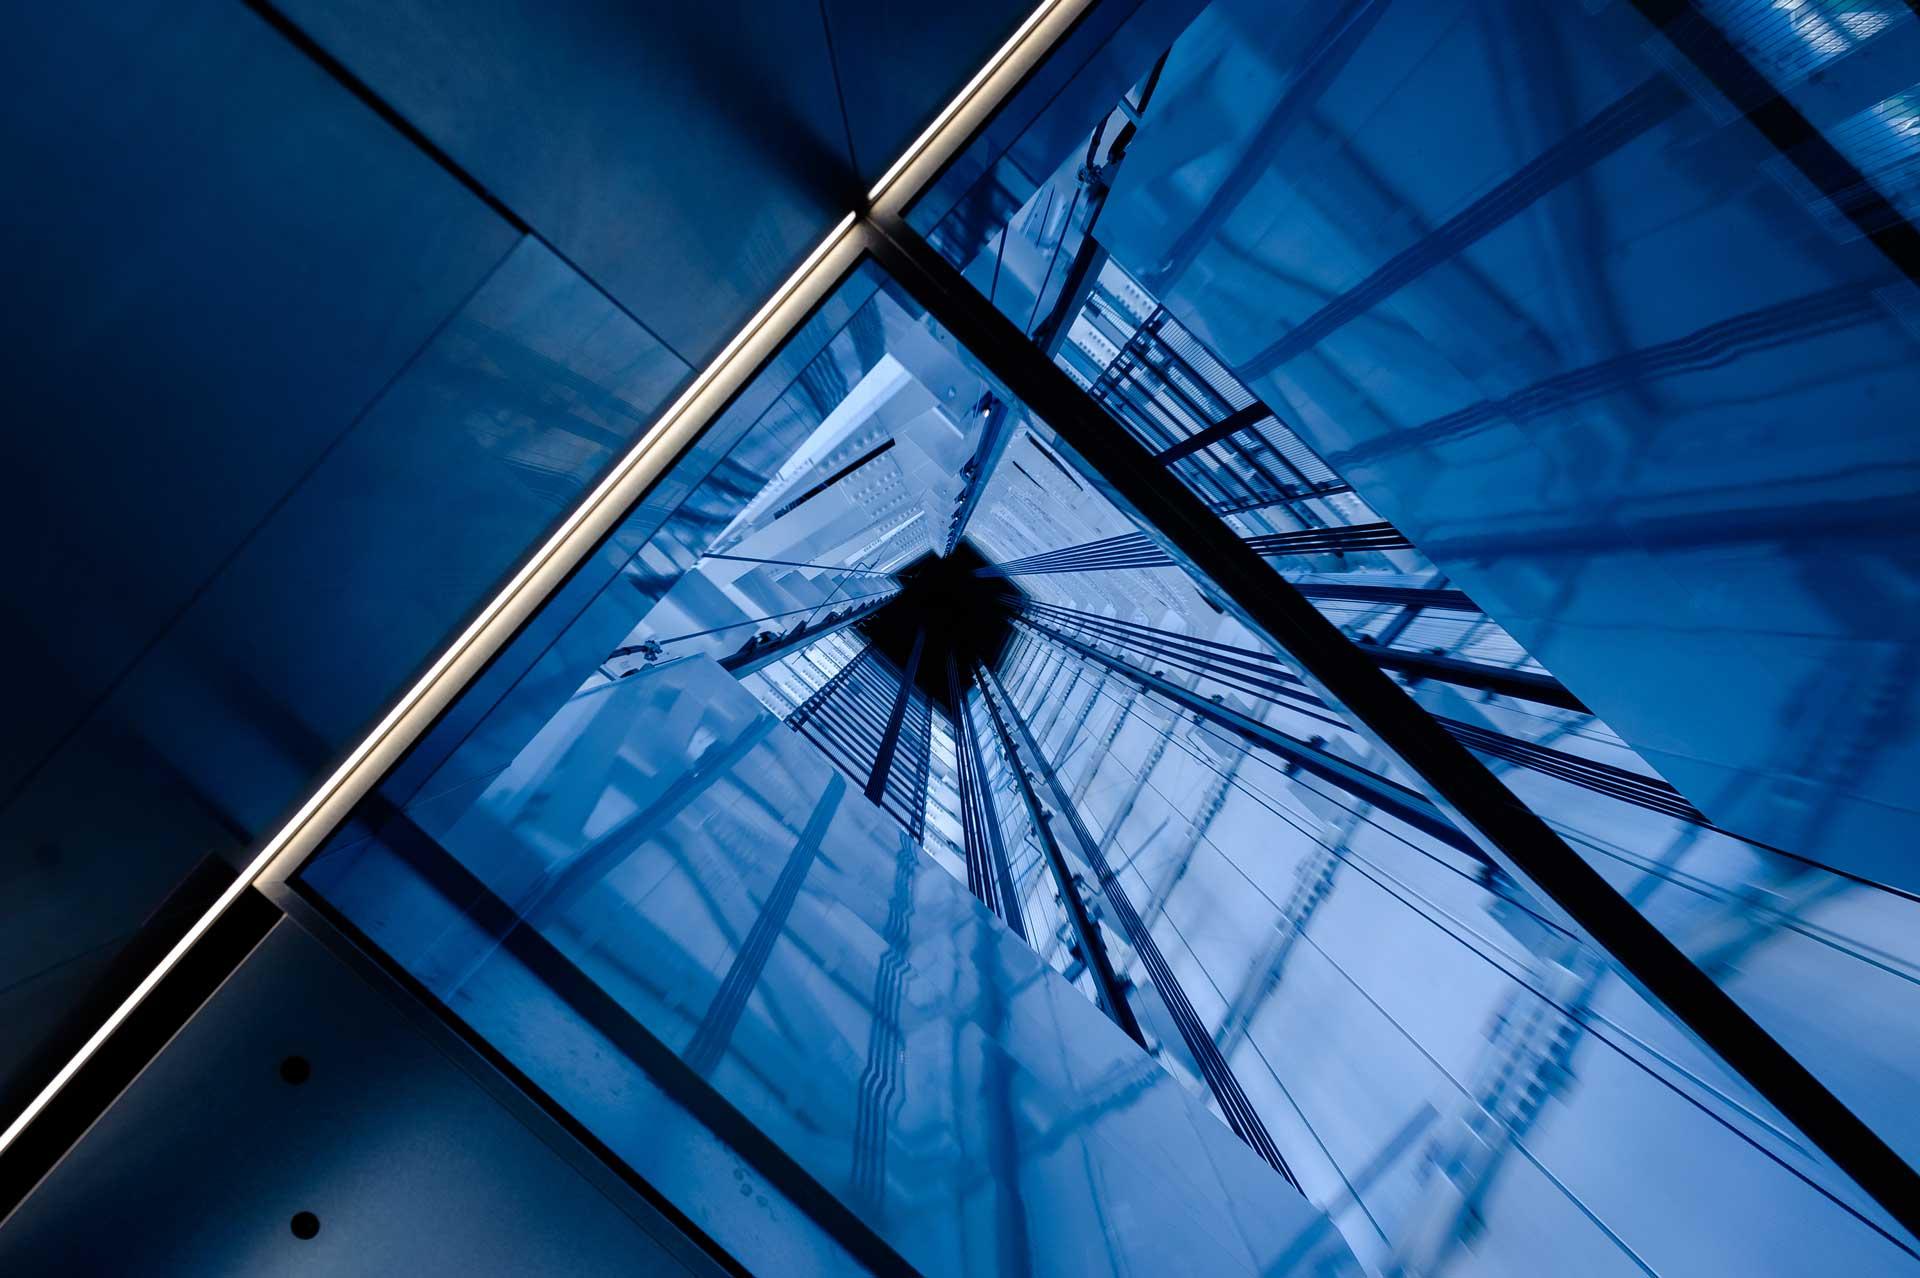 vista dal basso del vano ascensore